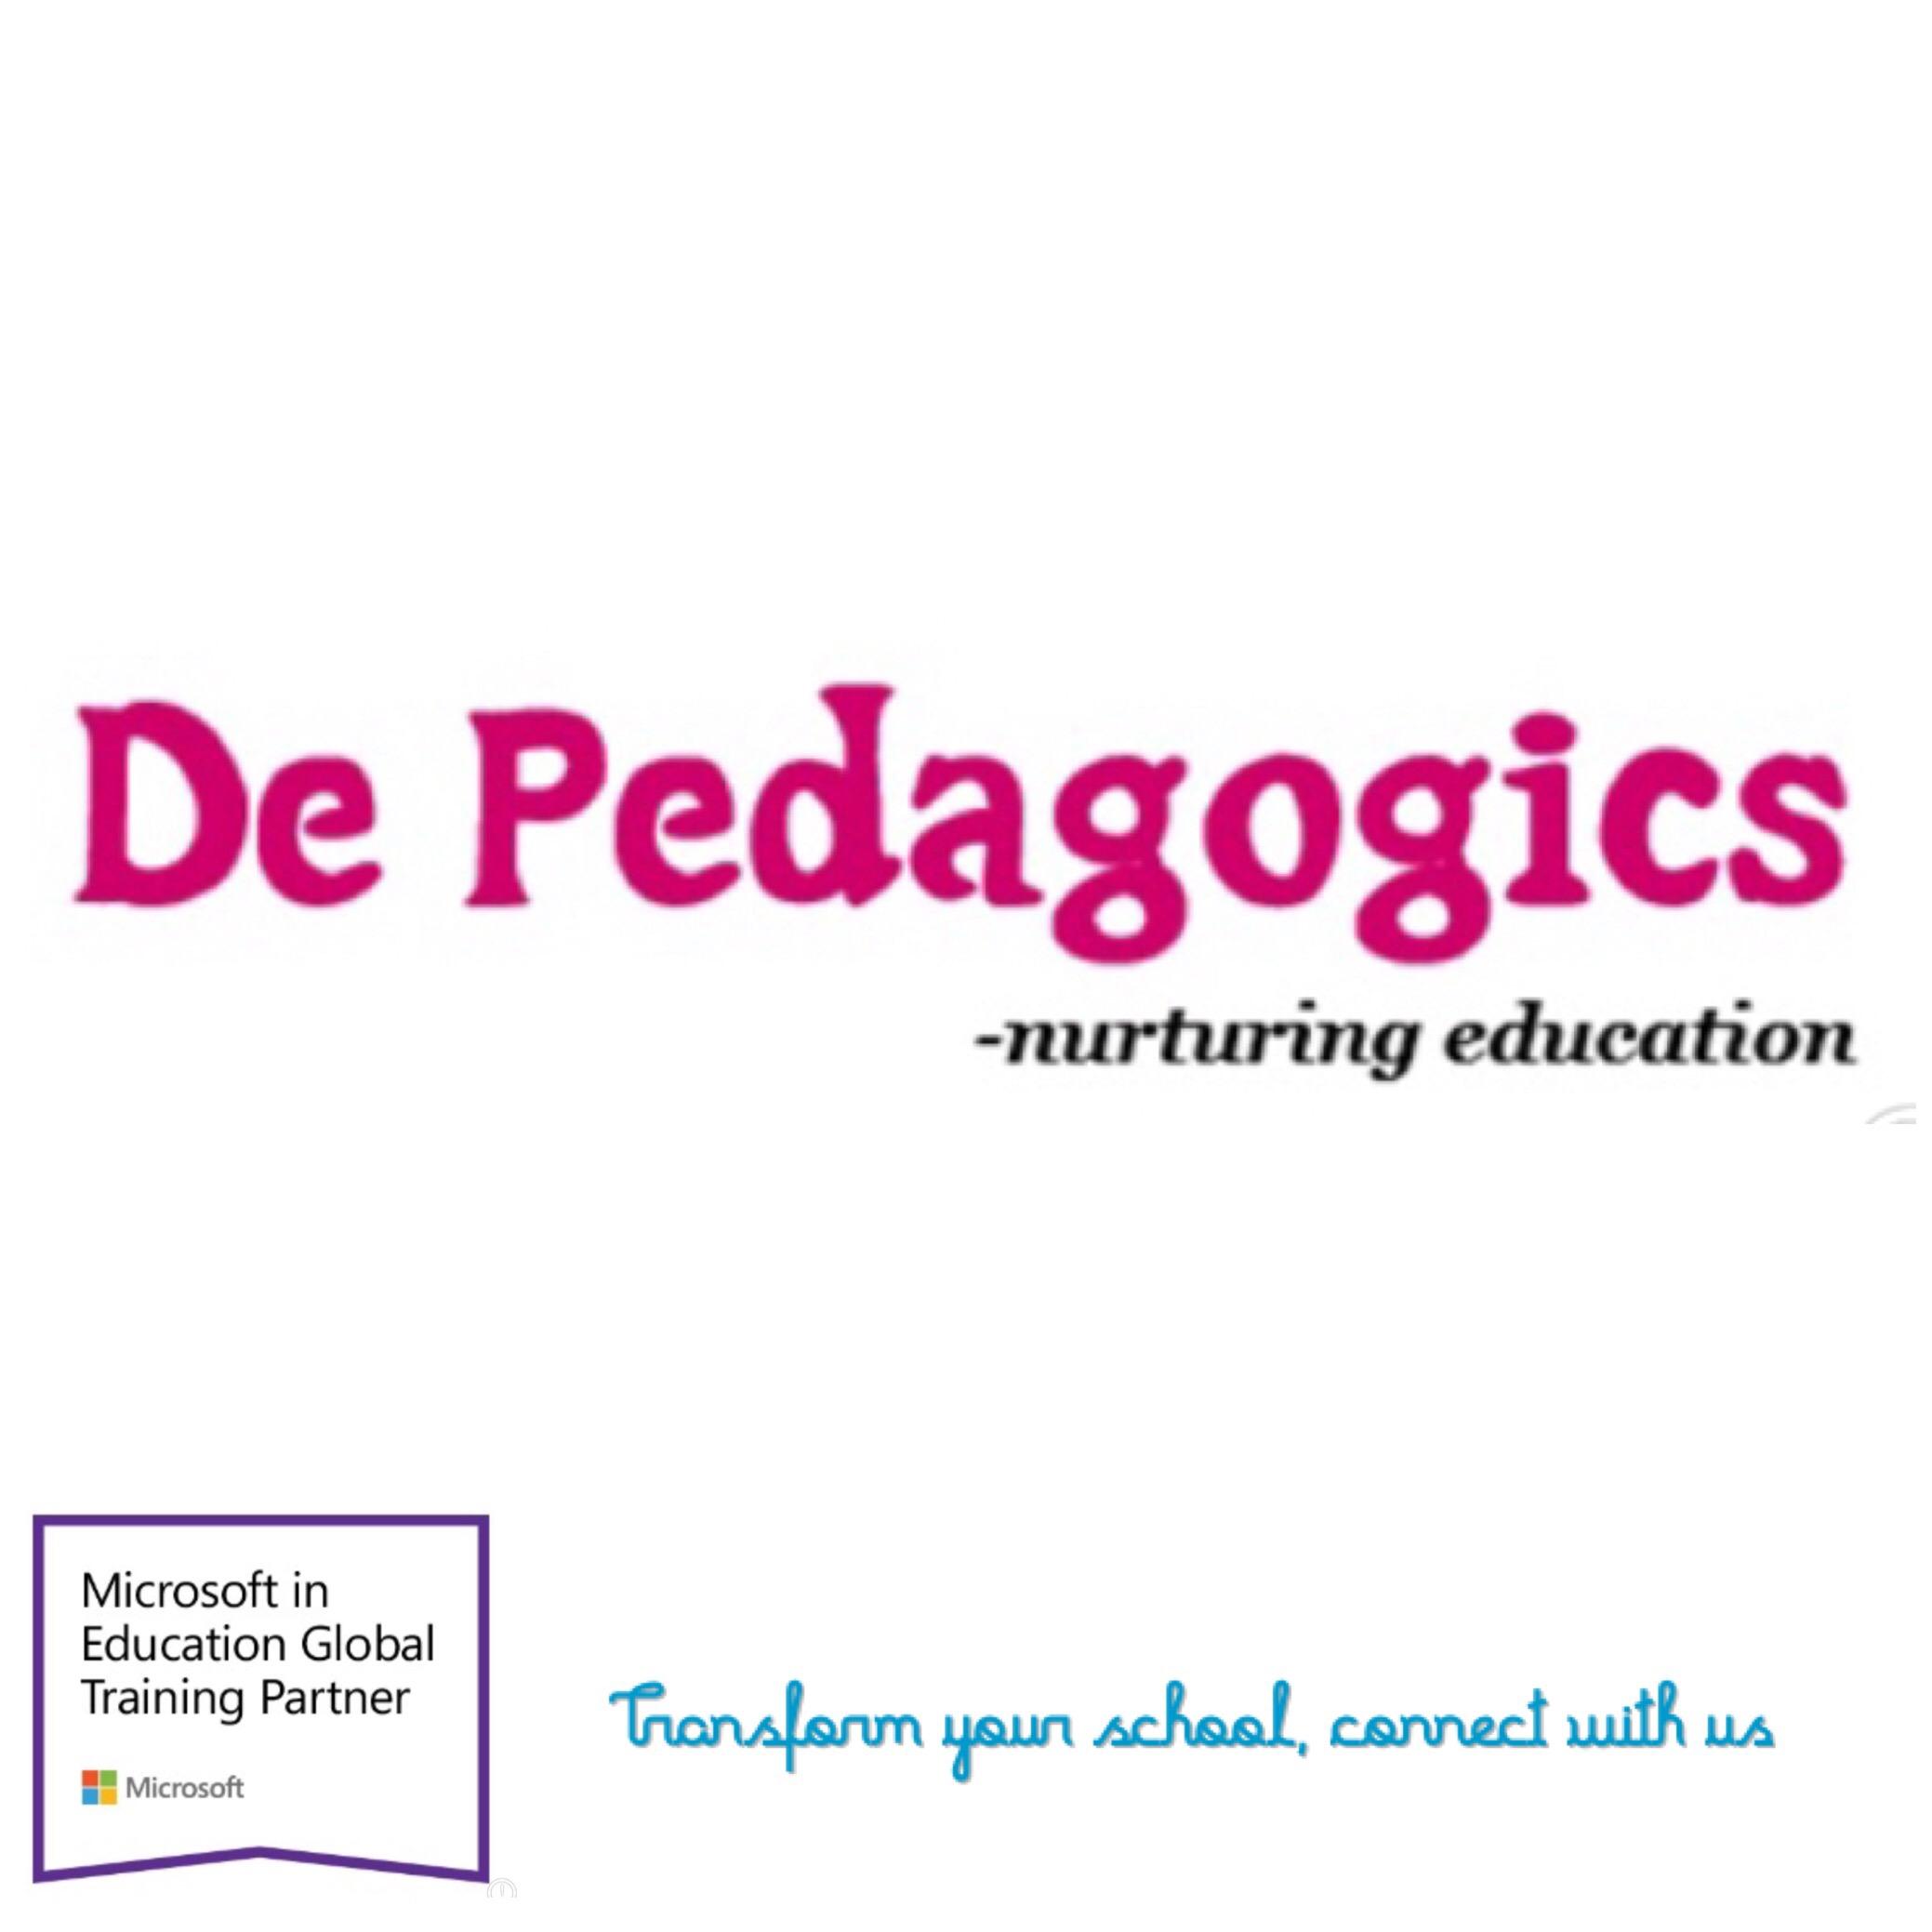 De Pedagogics